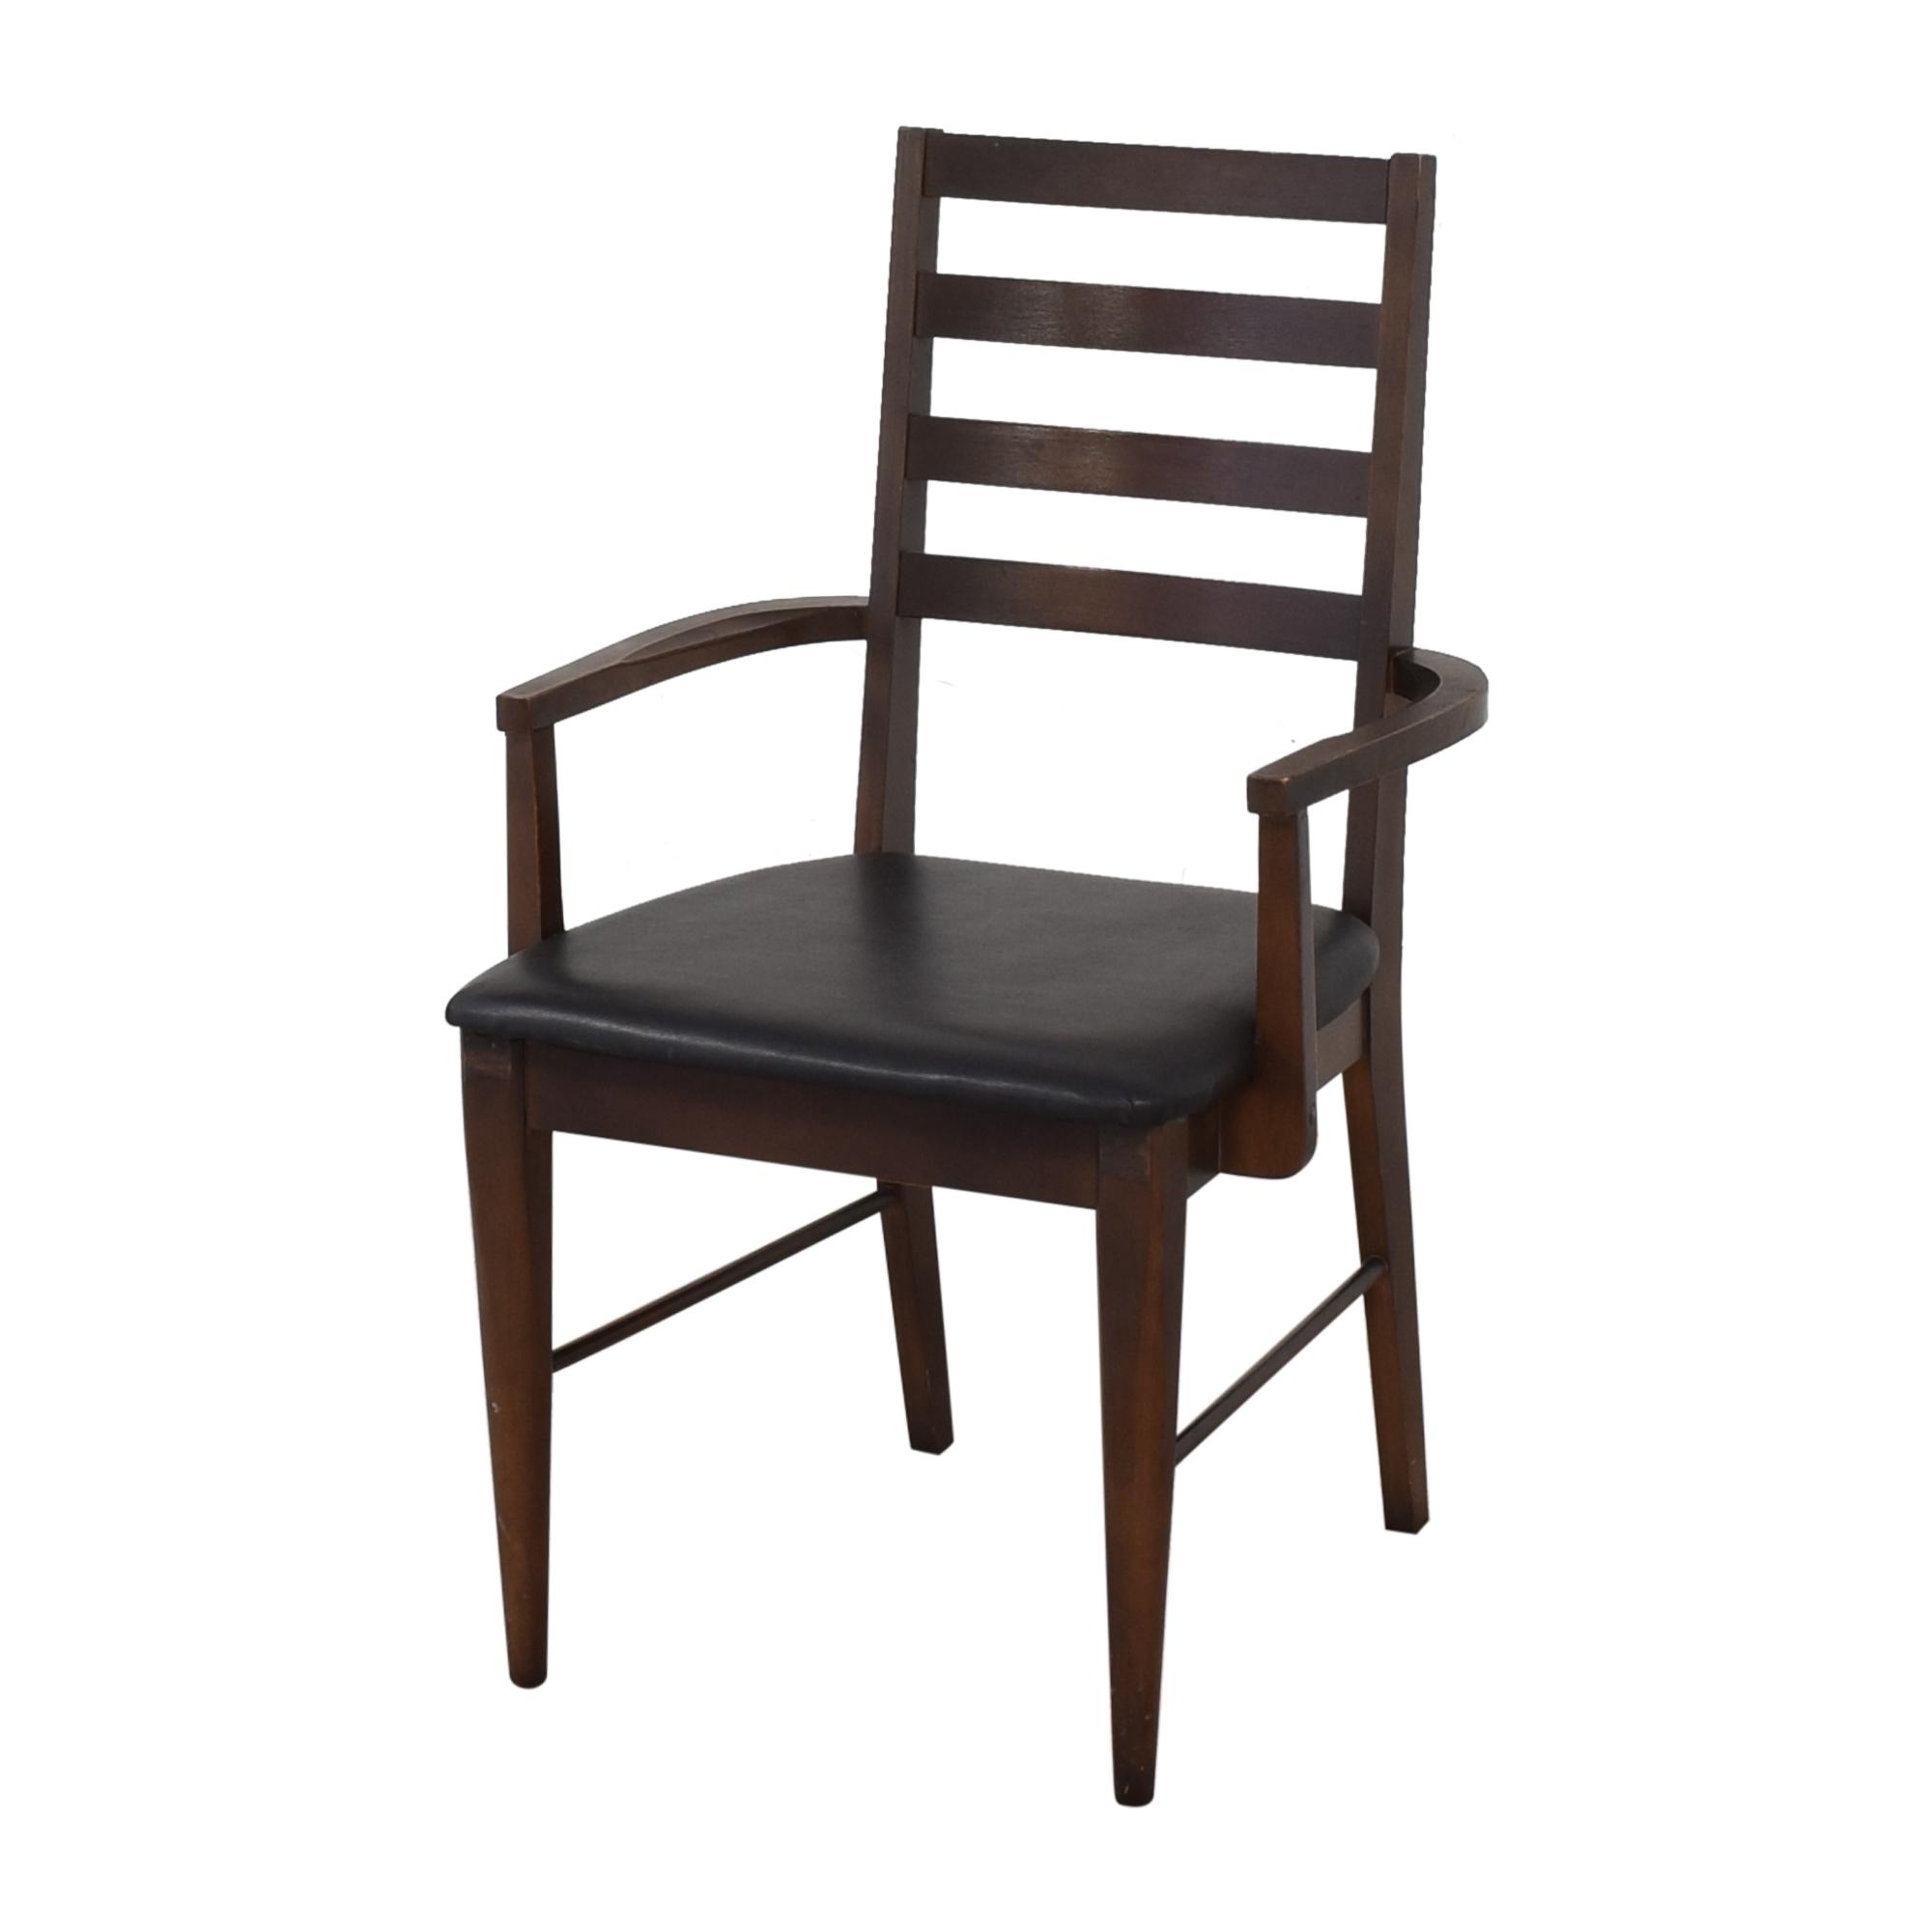 Lenoir Chair Company Lenoir Dining Chairs nyc